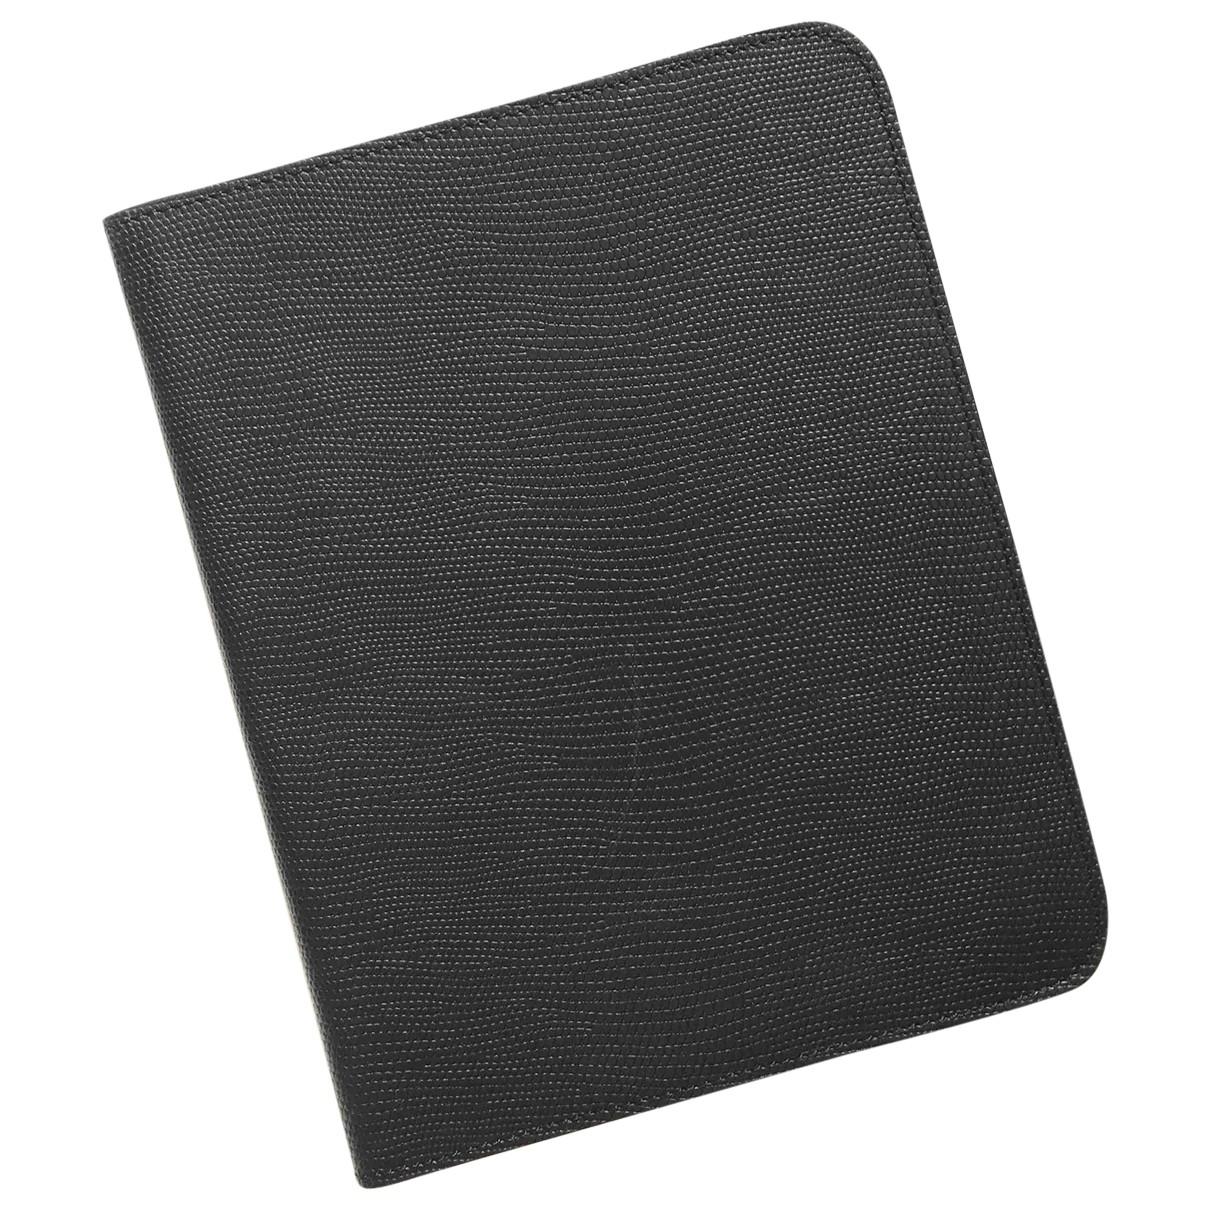 J.lindeberg - Accessoires   pour lifestyle en cuir - noir